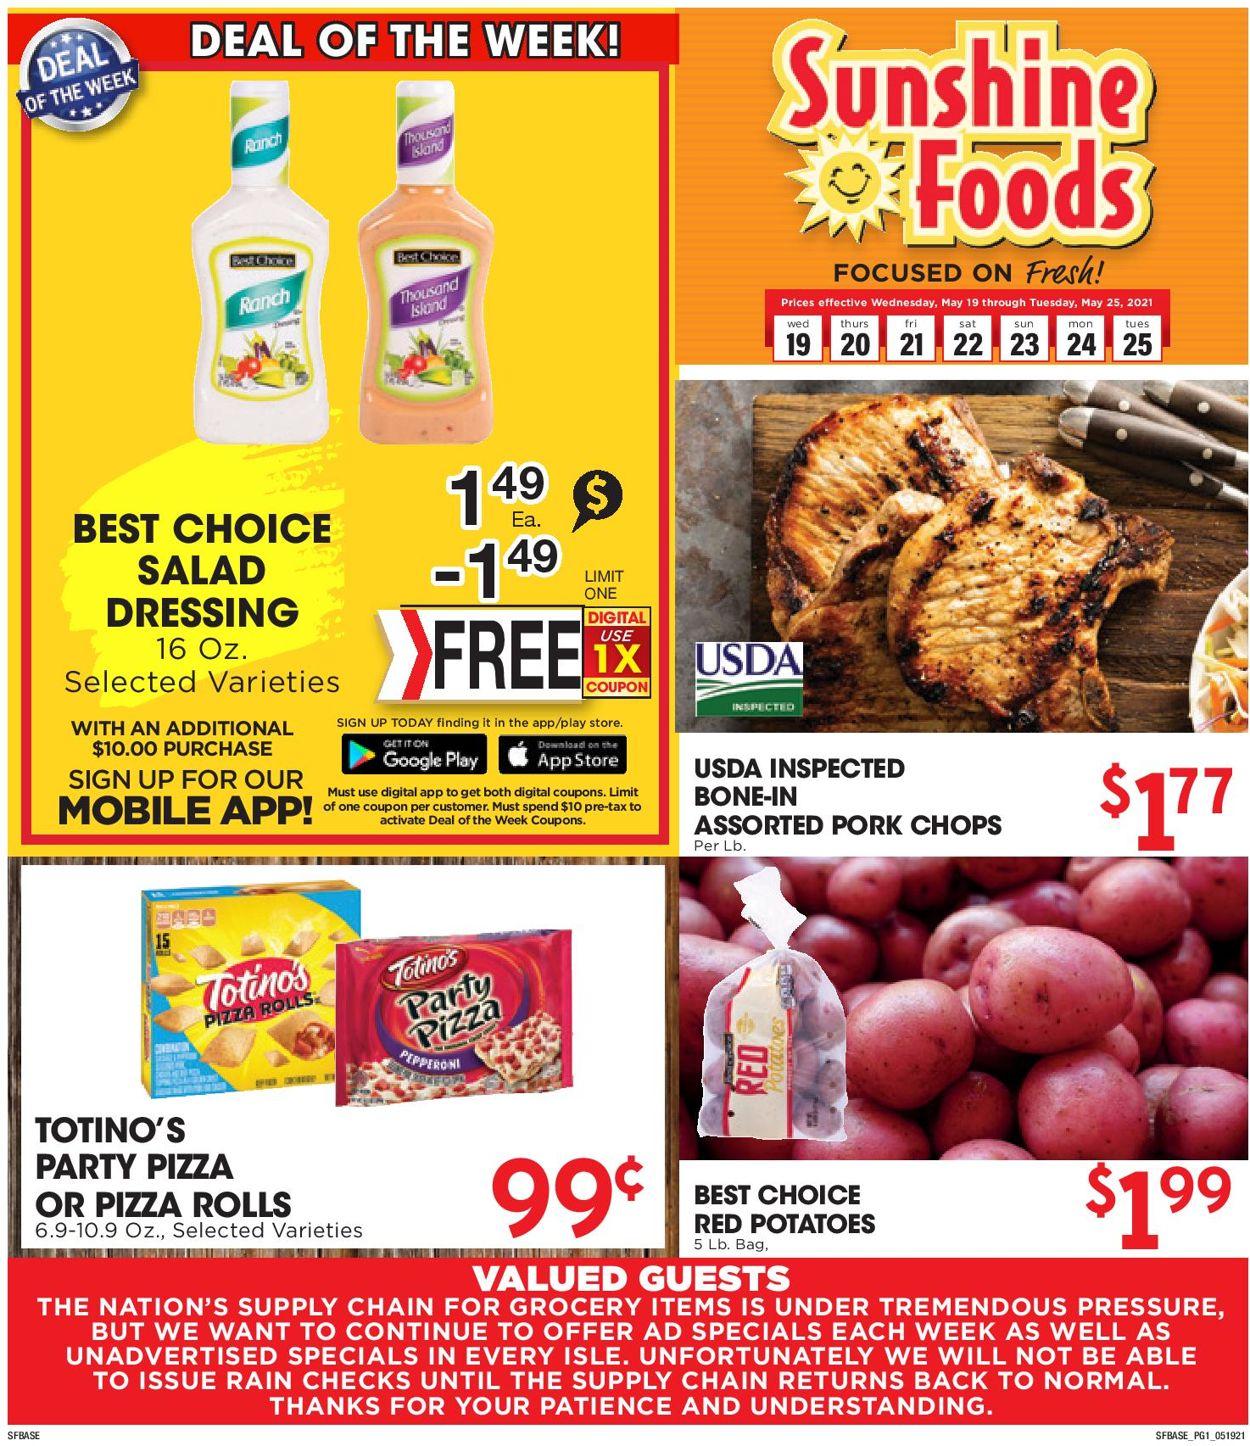 Sunshine Foods Weekly Ad Circular - valid 05/19-05/25/2021